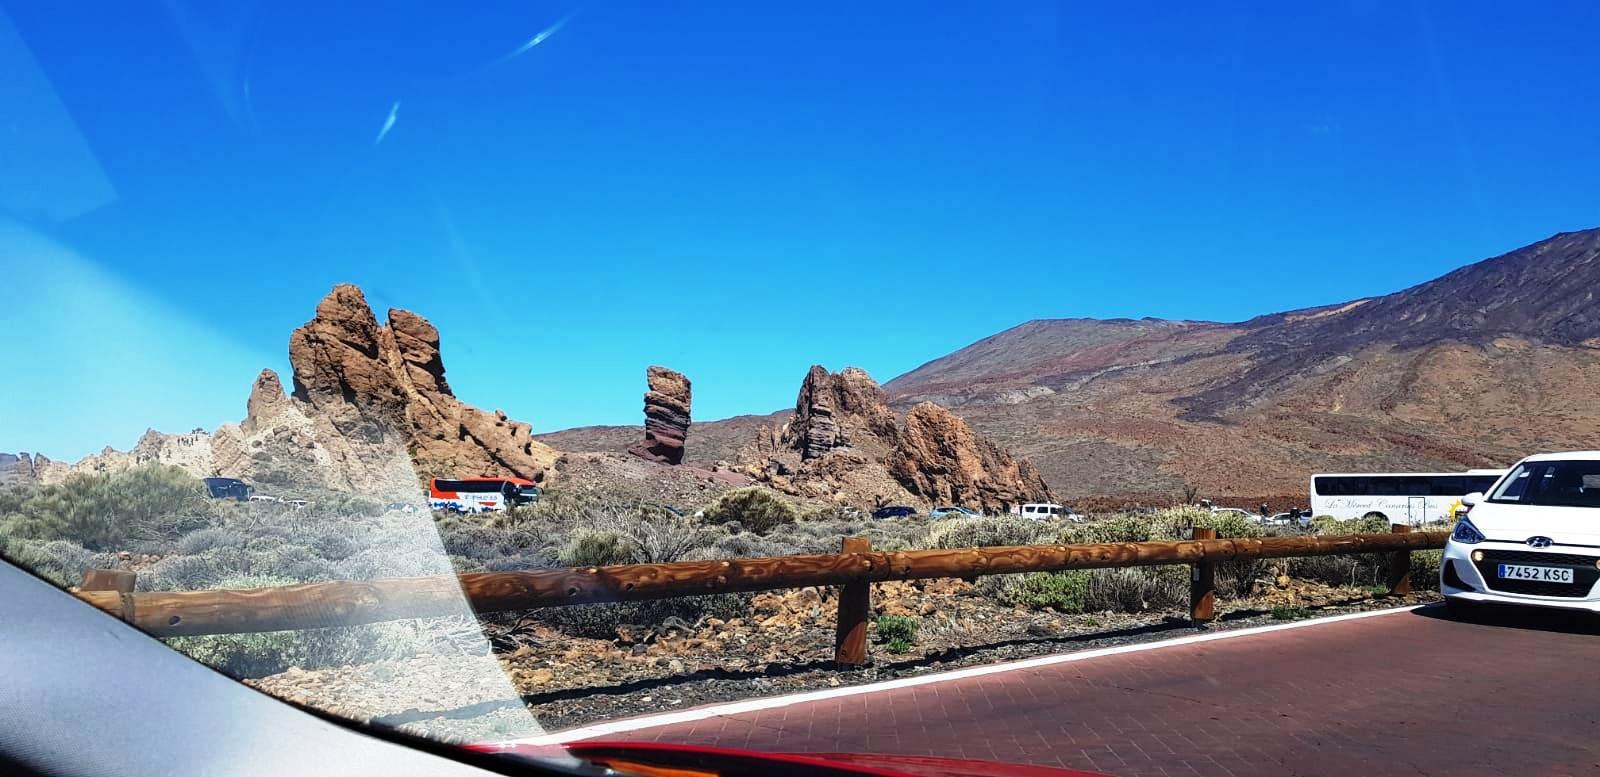 Imagini de la turişti: Parcul Naţional Teide, Tenerife, foto @ANCAPAVEL.RO